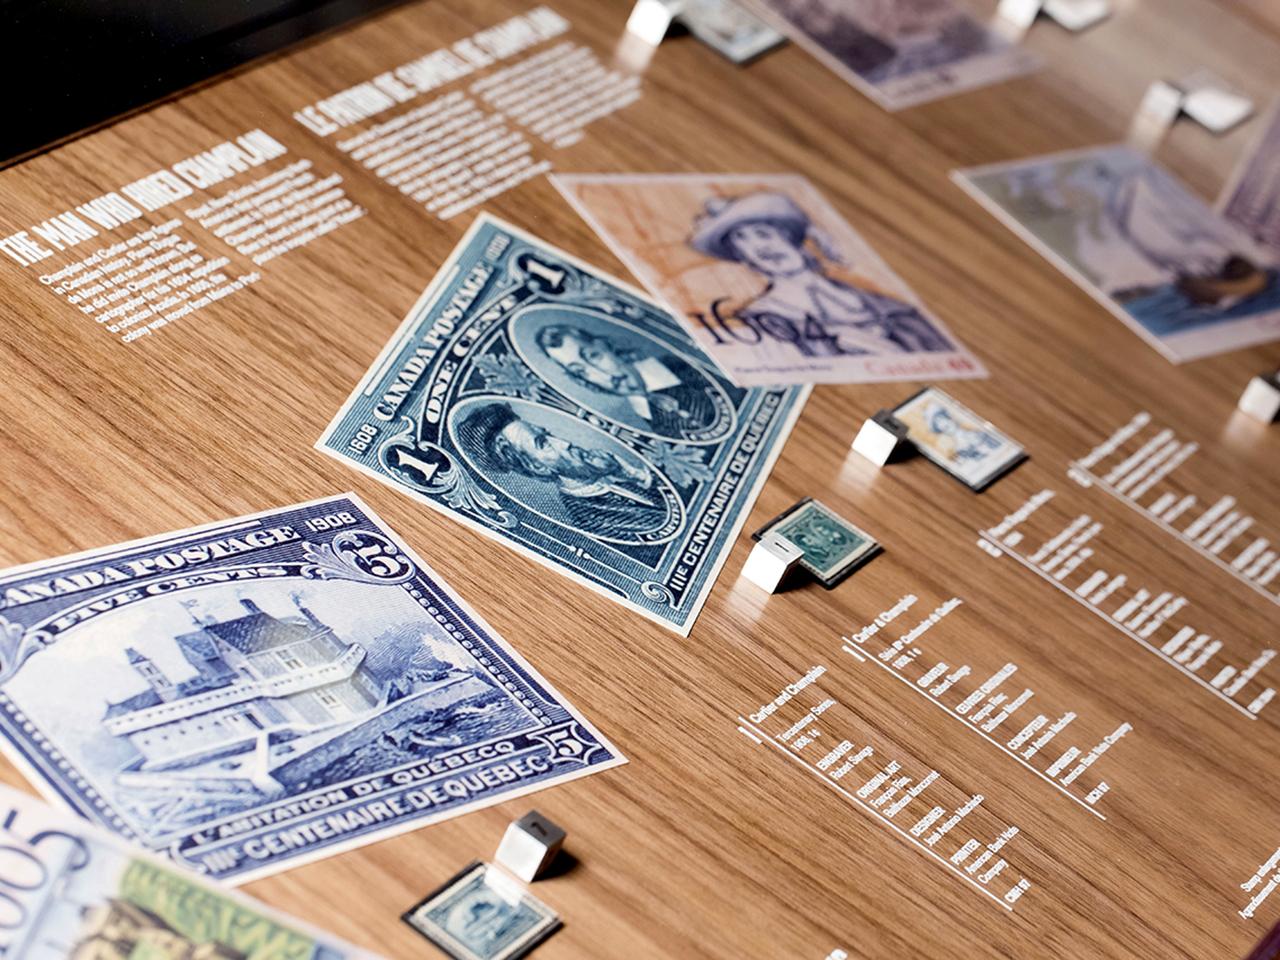 Timbres et images de timbres